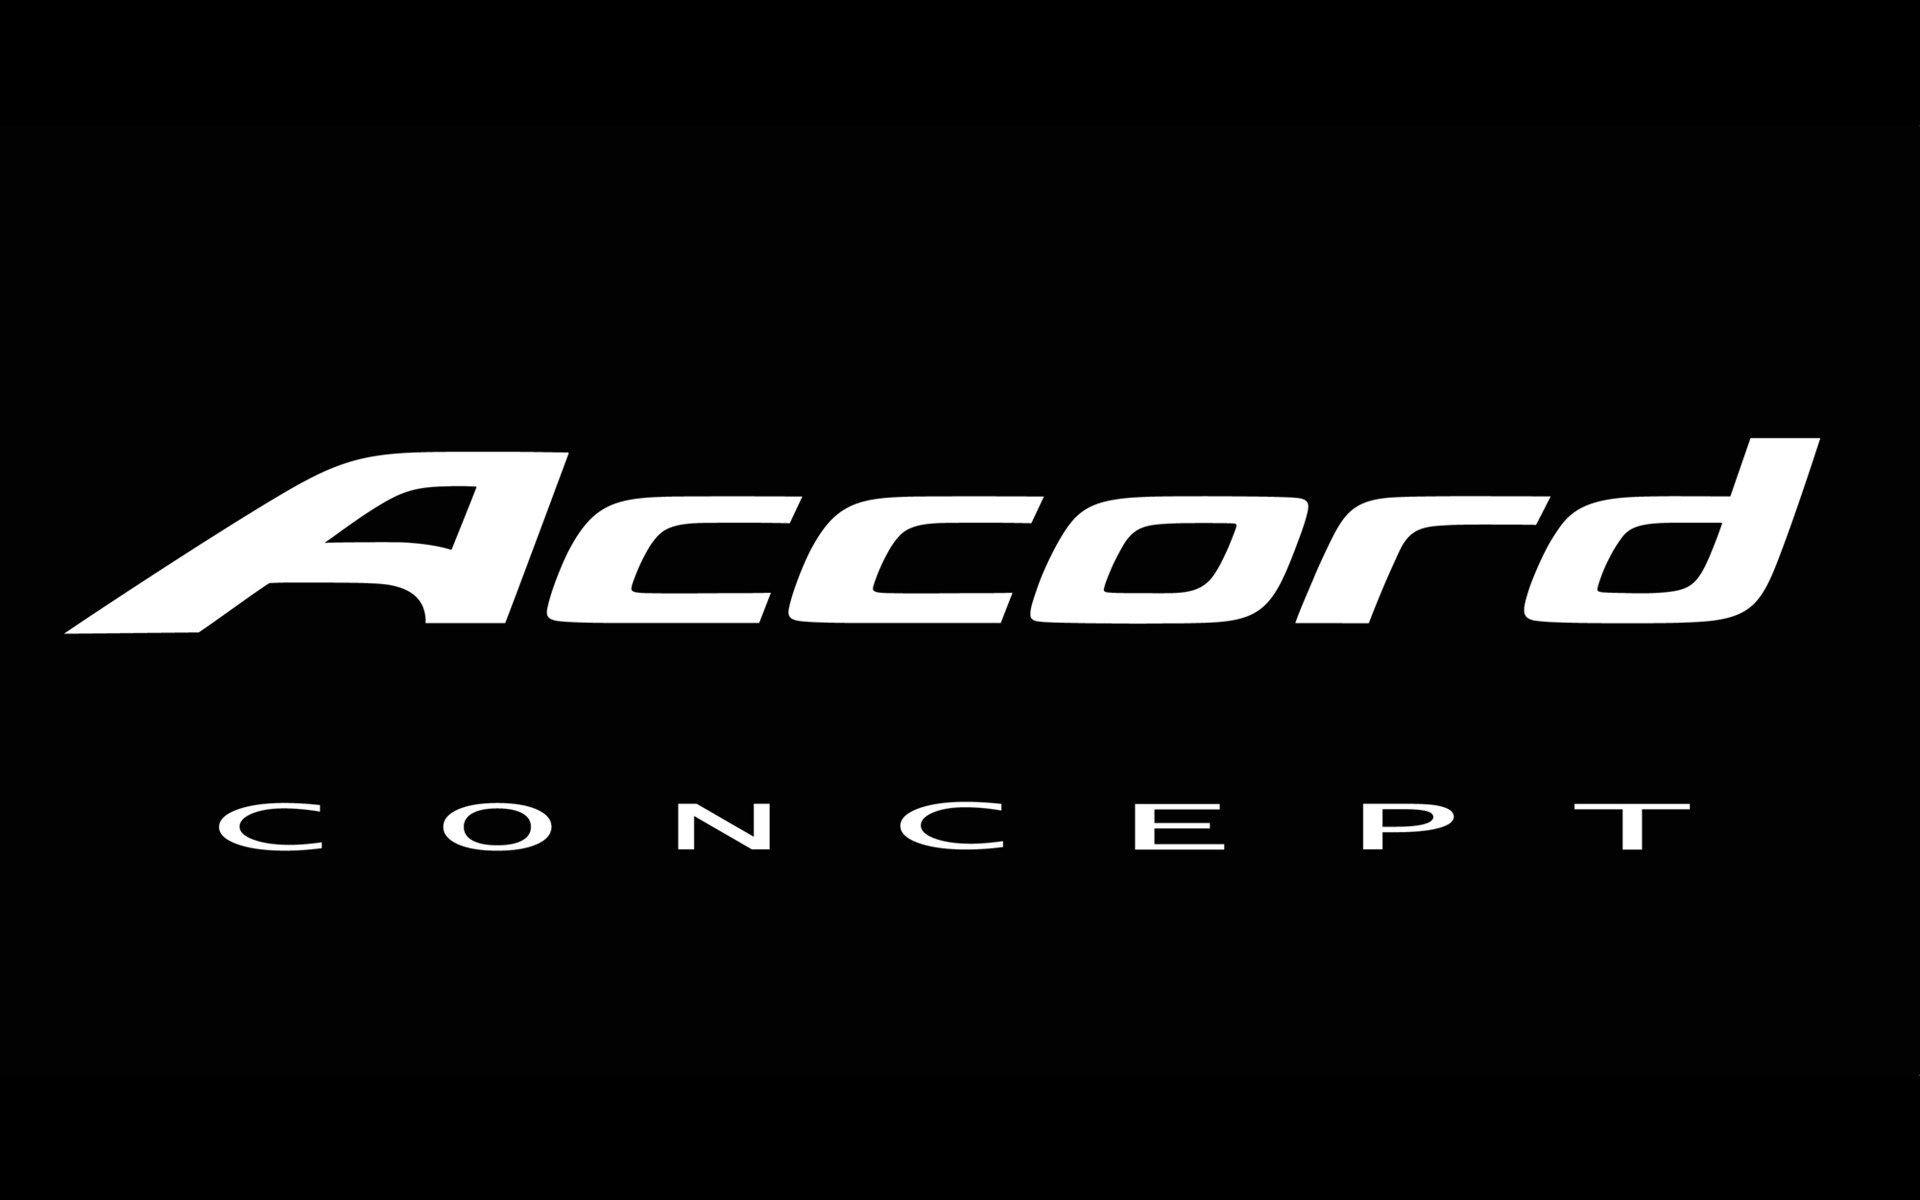 Honda Accord Logo Images.